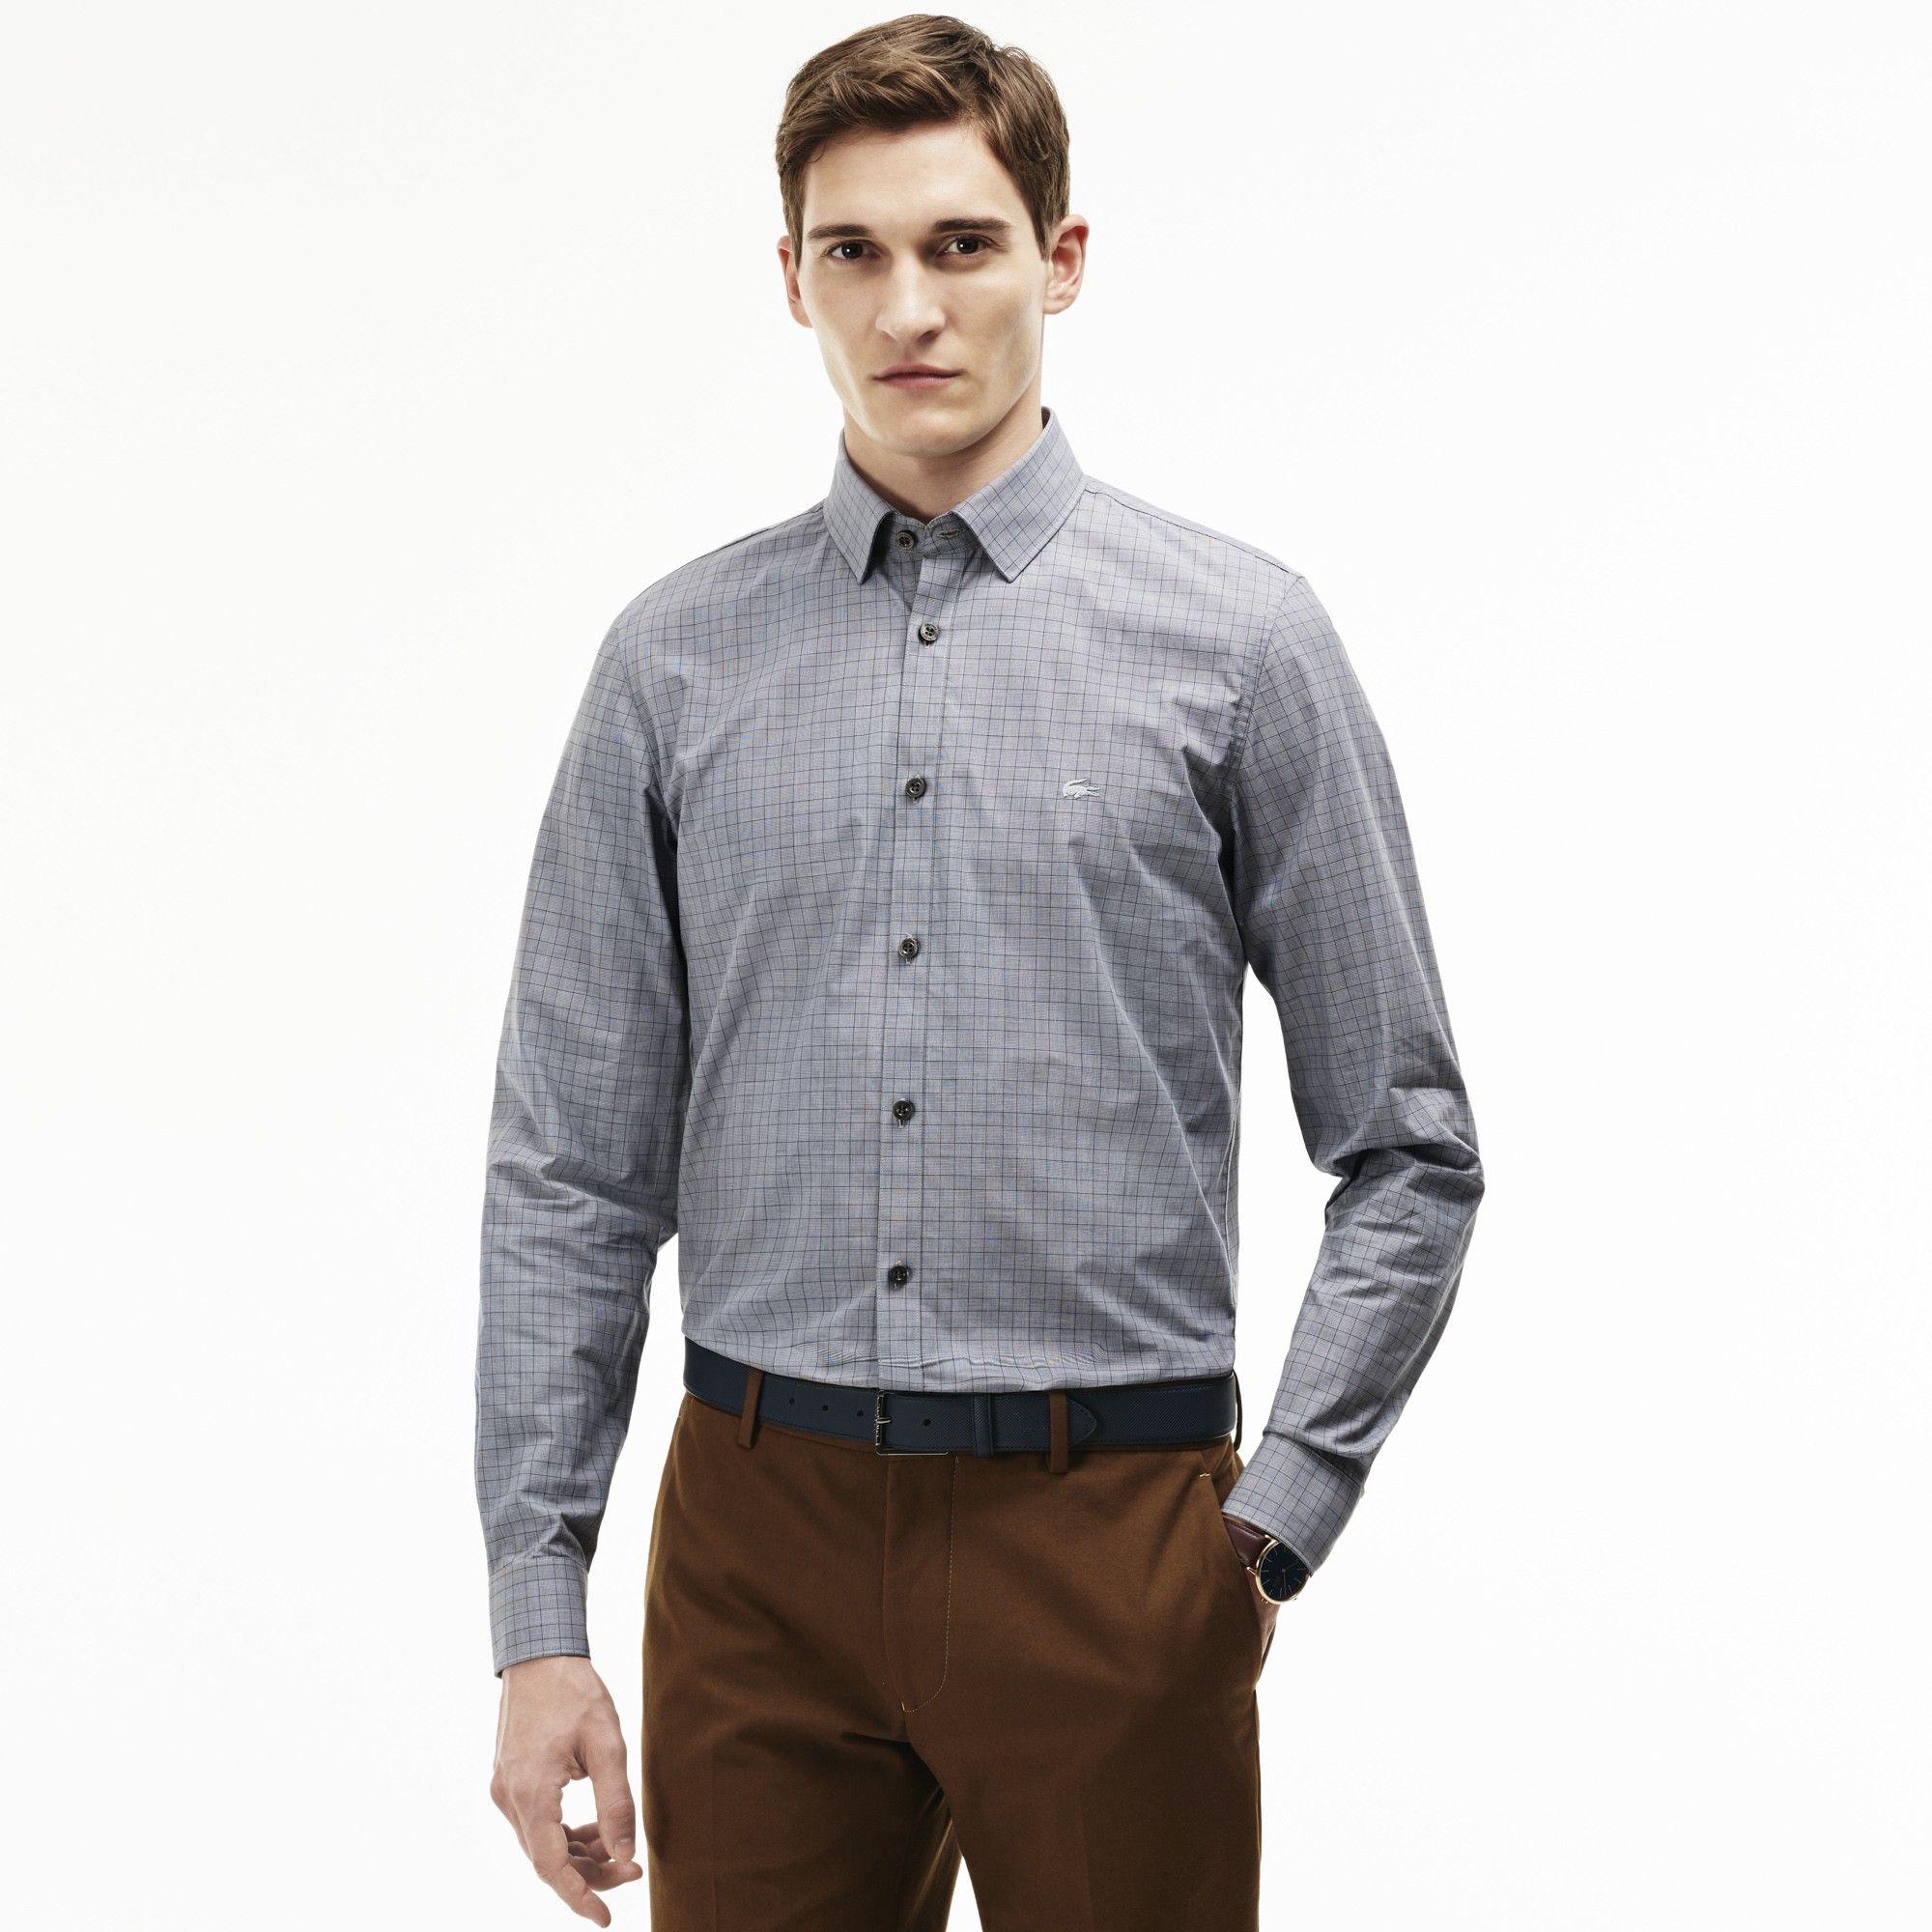 e35578db12d2d7 LACOSTE Men s Slim Fit Glen Plaid Poplin Shirt - black graphite-white.   lacoste  cloth